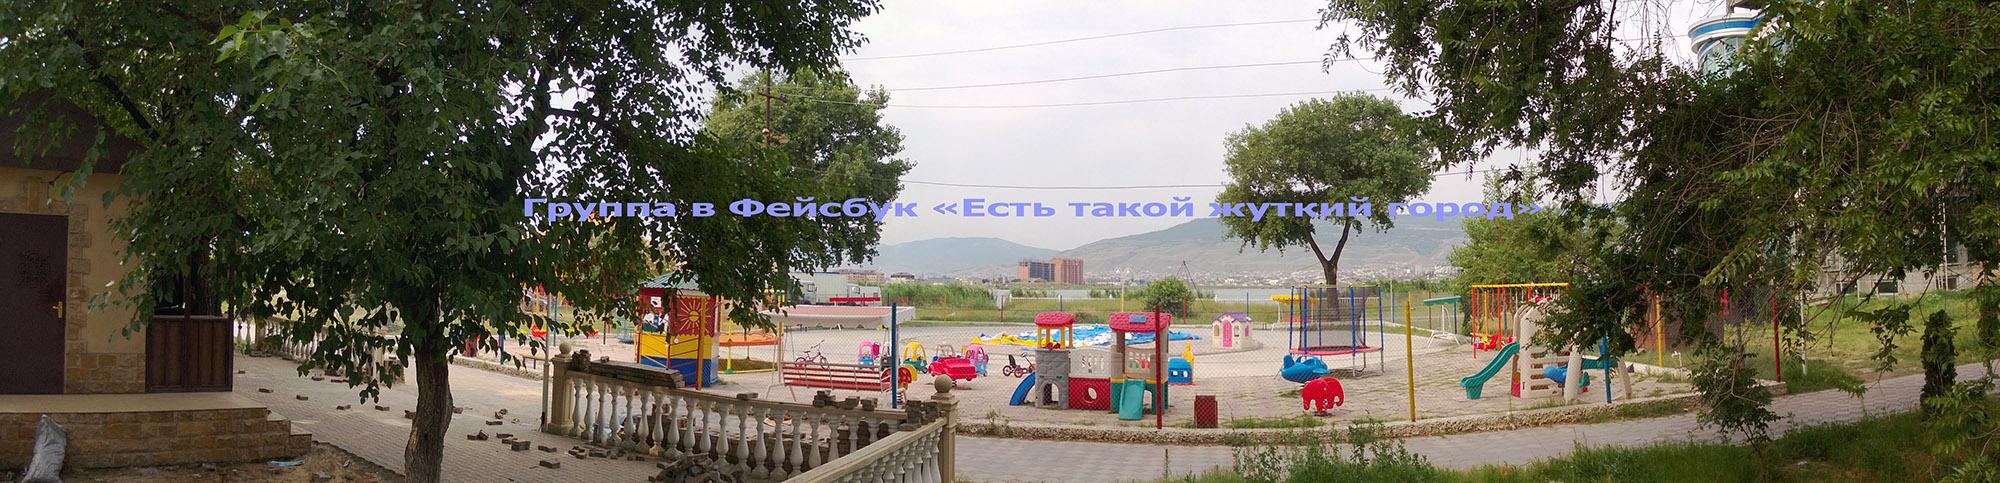 Дагестан, Махачкала, парк, планирование, Редукторный поселок